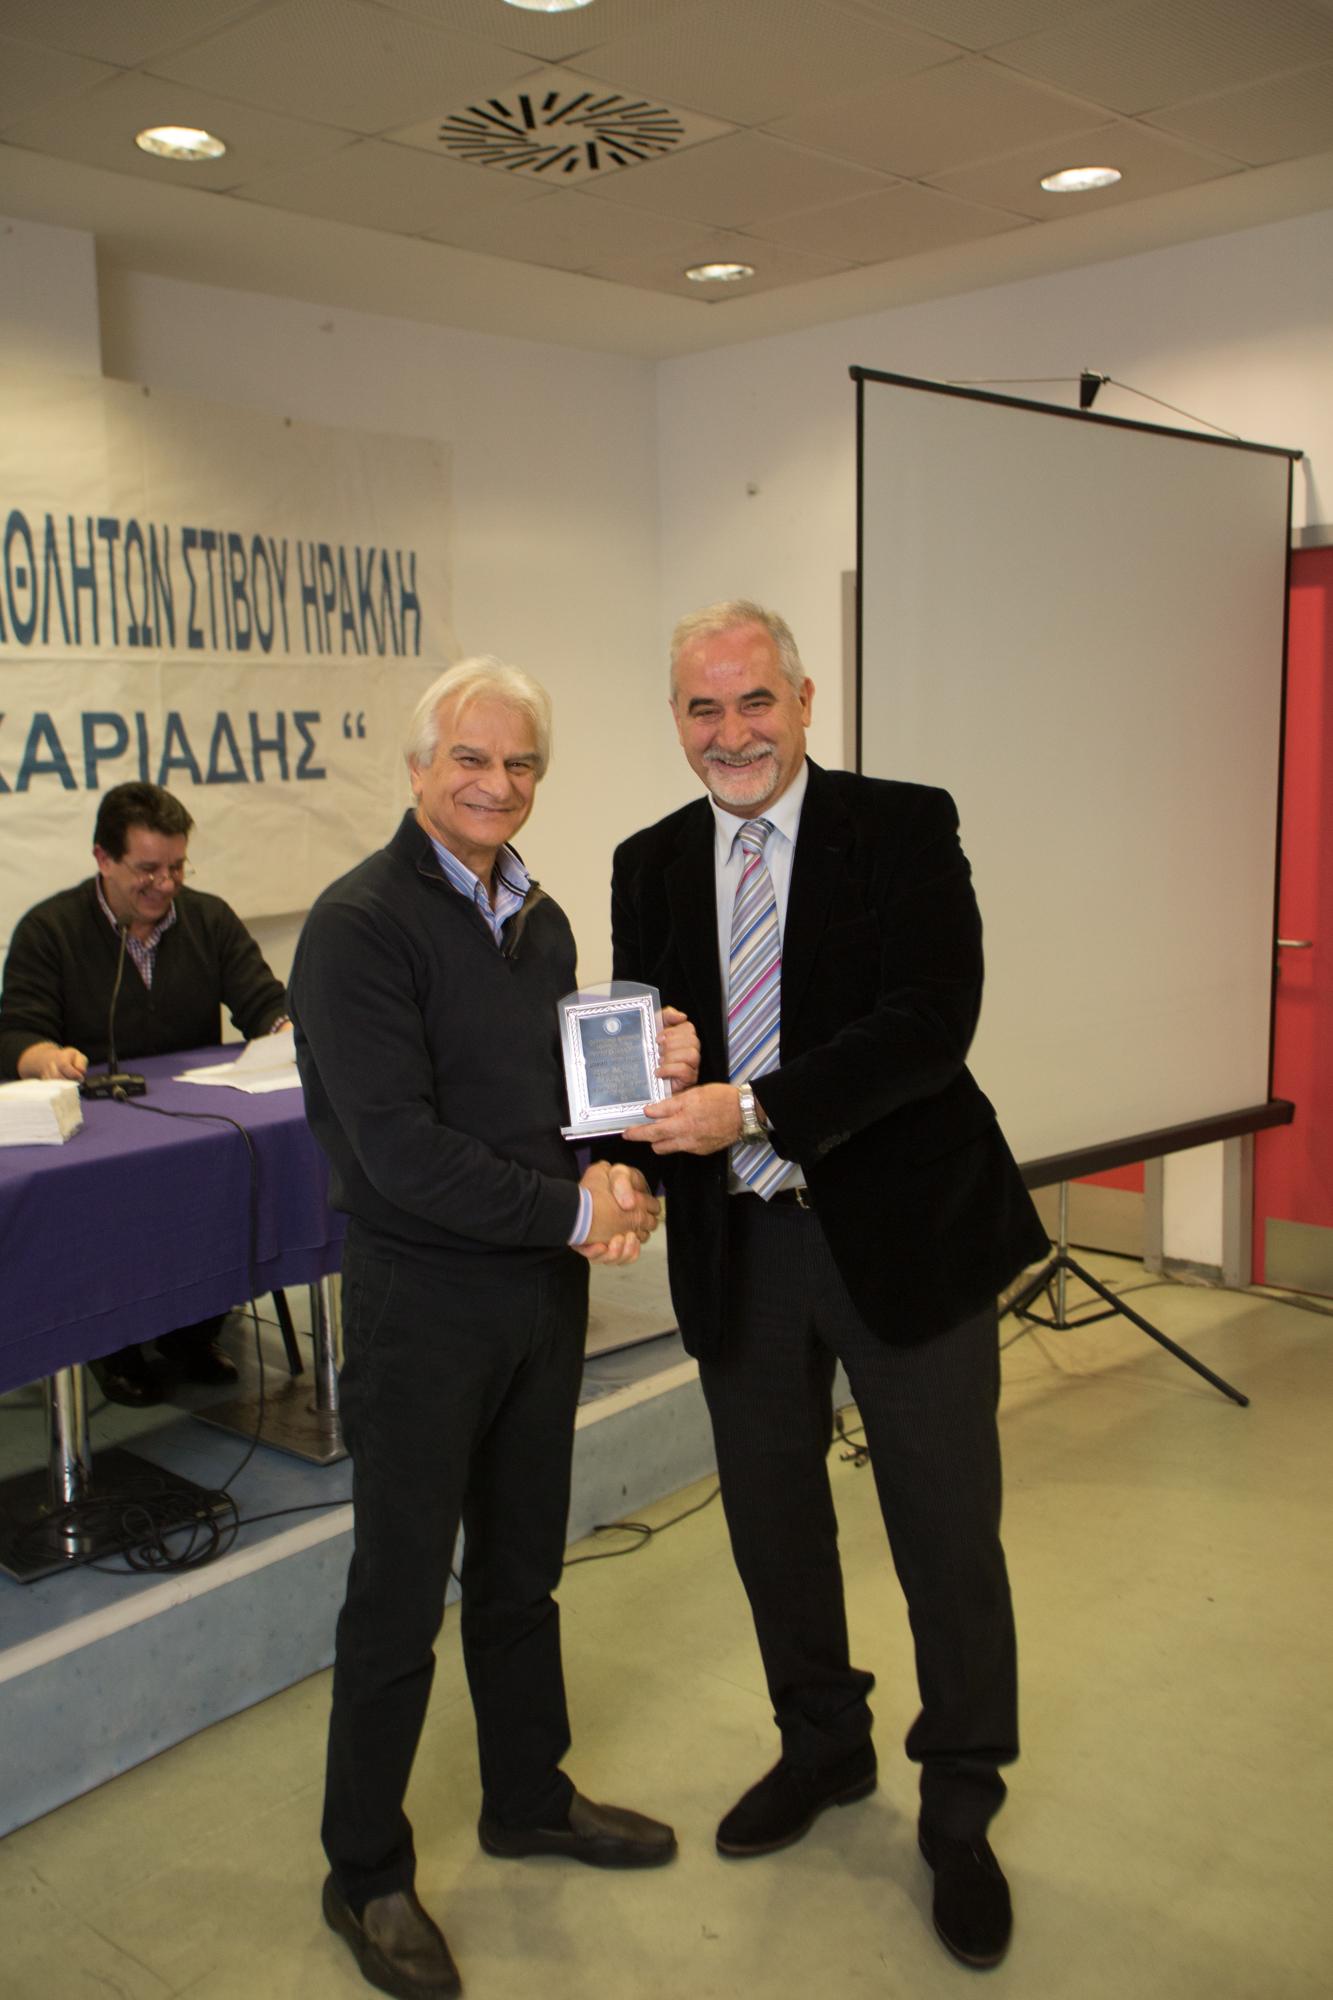 Βαλσαμίδης Βασίλης βραβείο από τον Κοσμήτορα ΤΕΦΑΑ Σπ.Κέλλη.jp